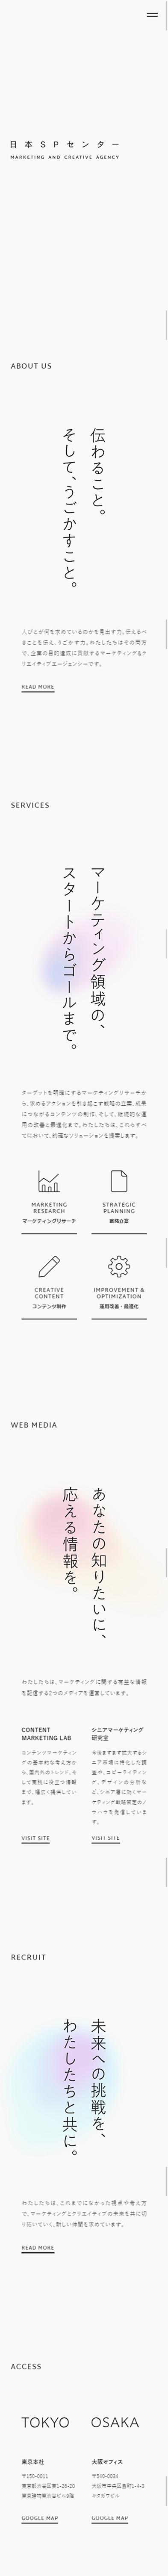 日本SPセンタースマホ版イメージ